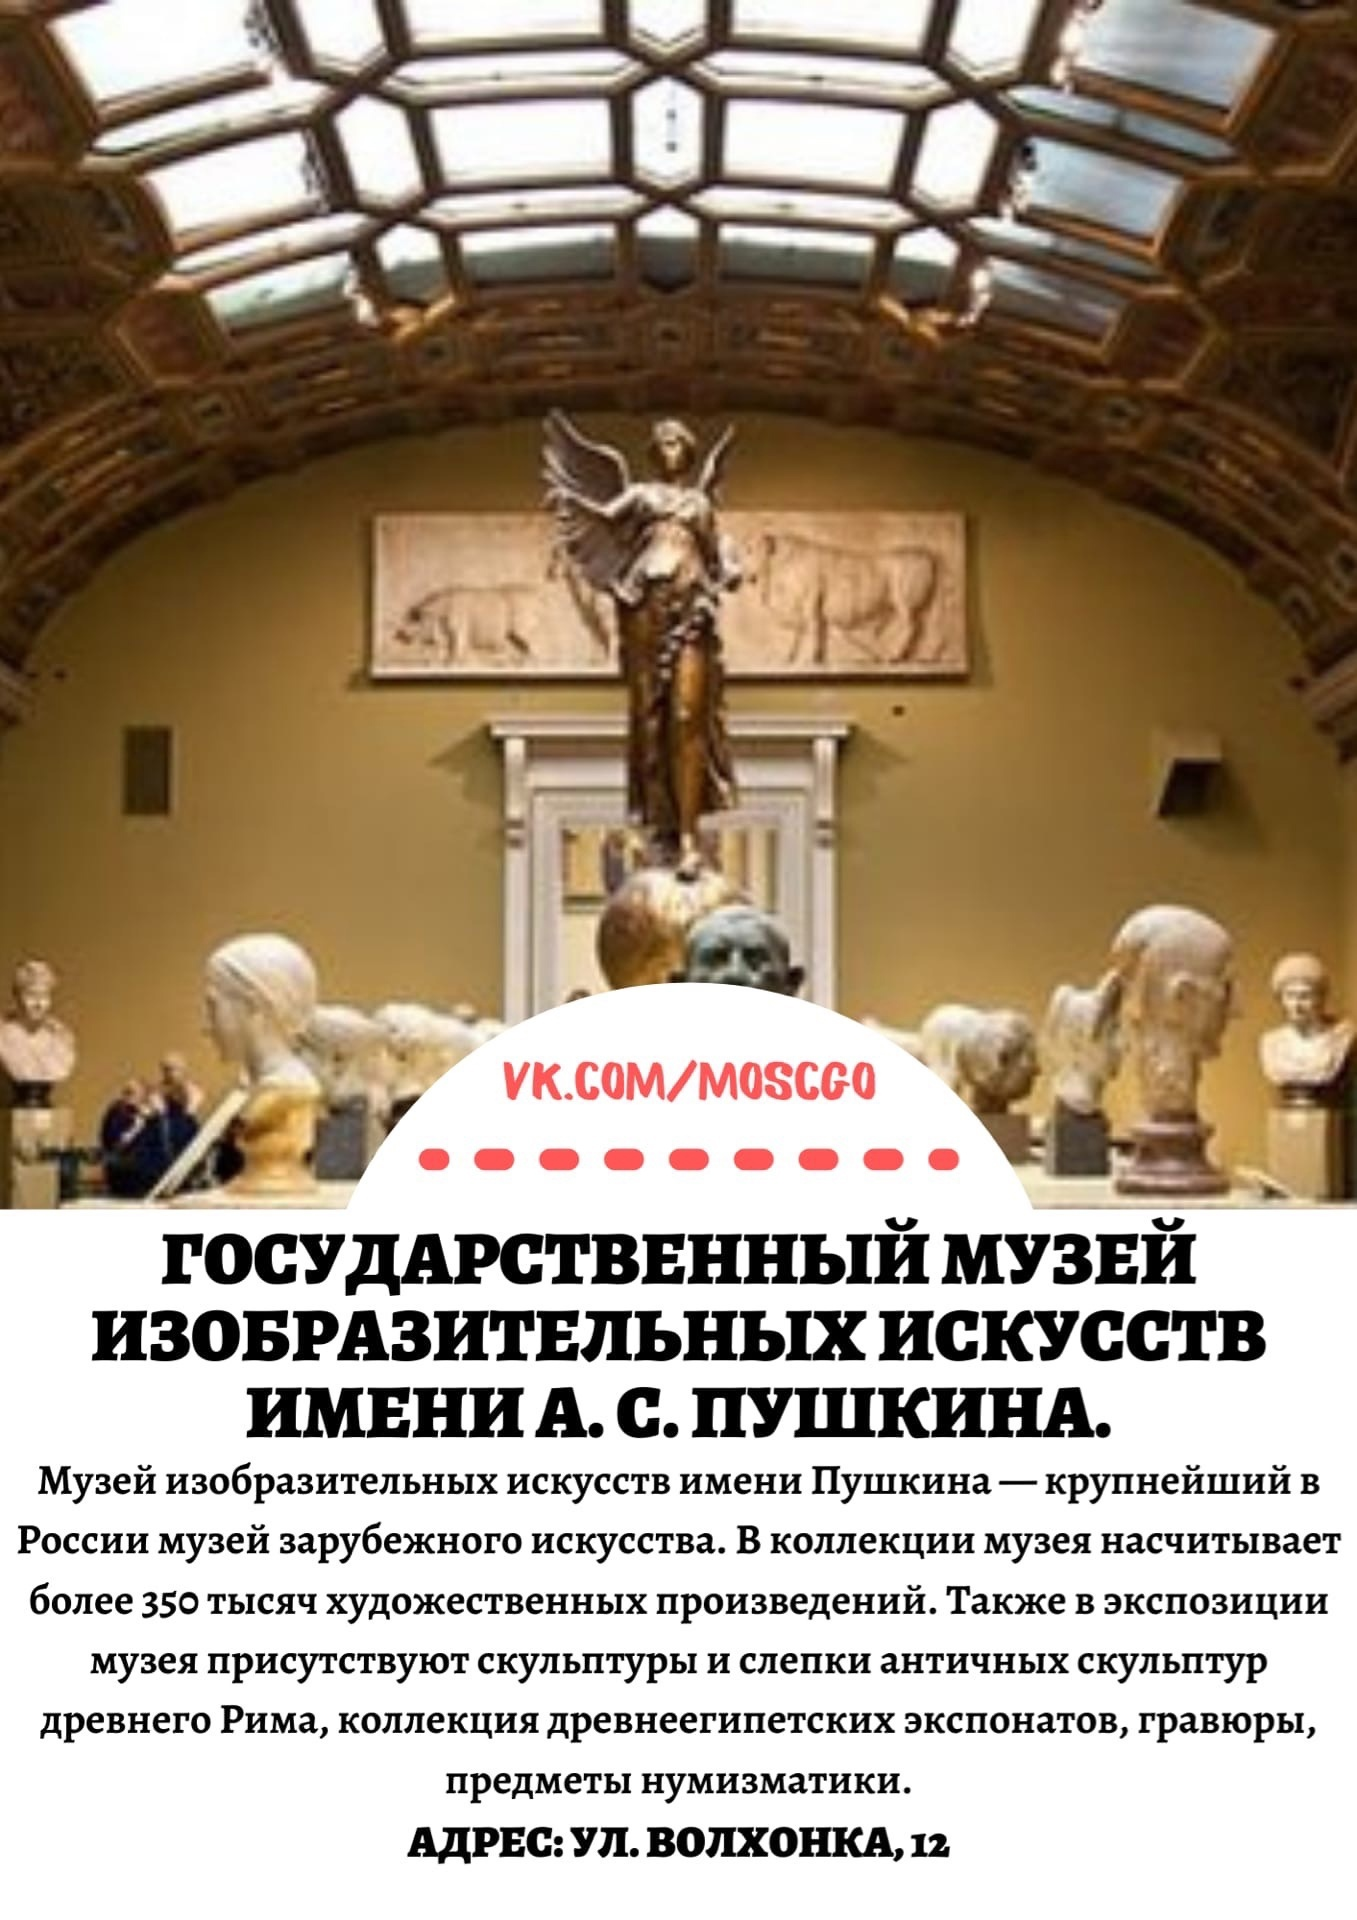 ТОП-10 посещаемых московских музеев